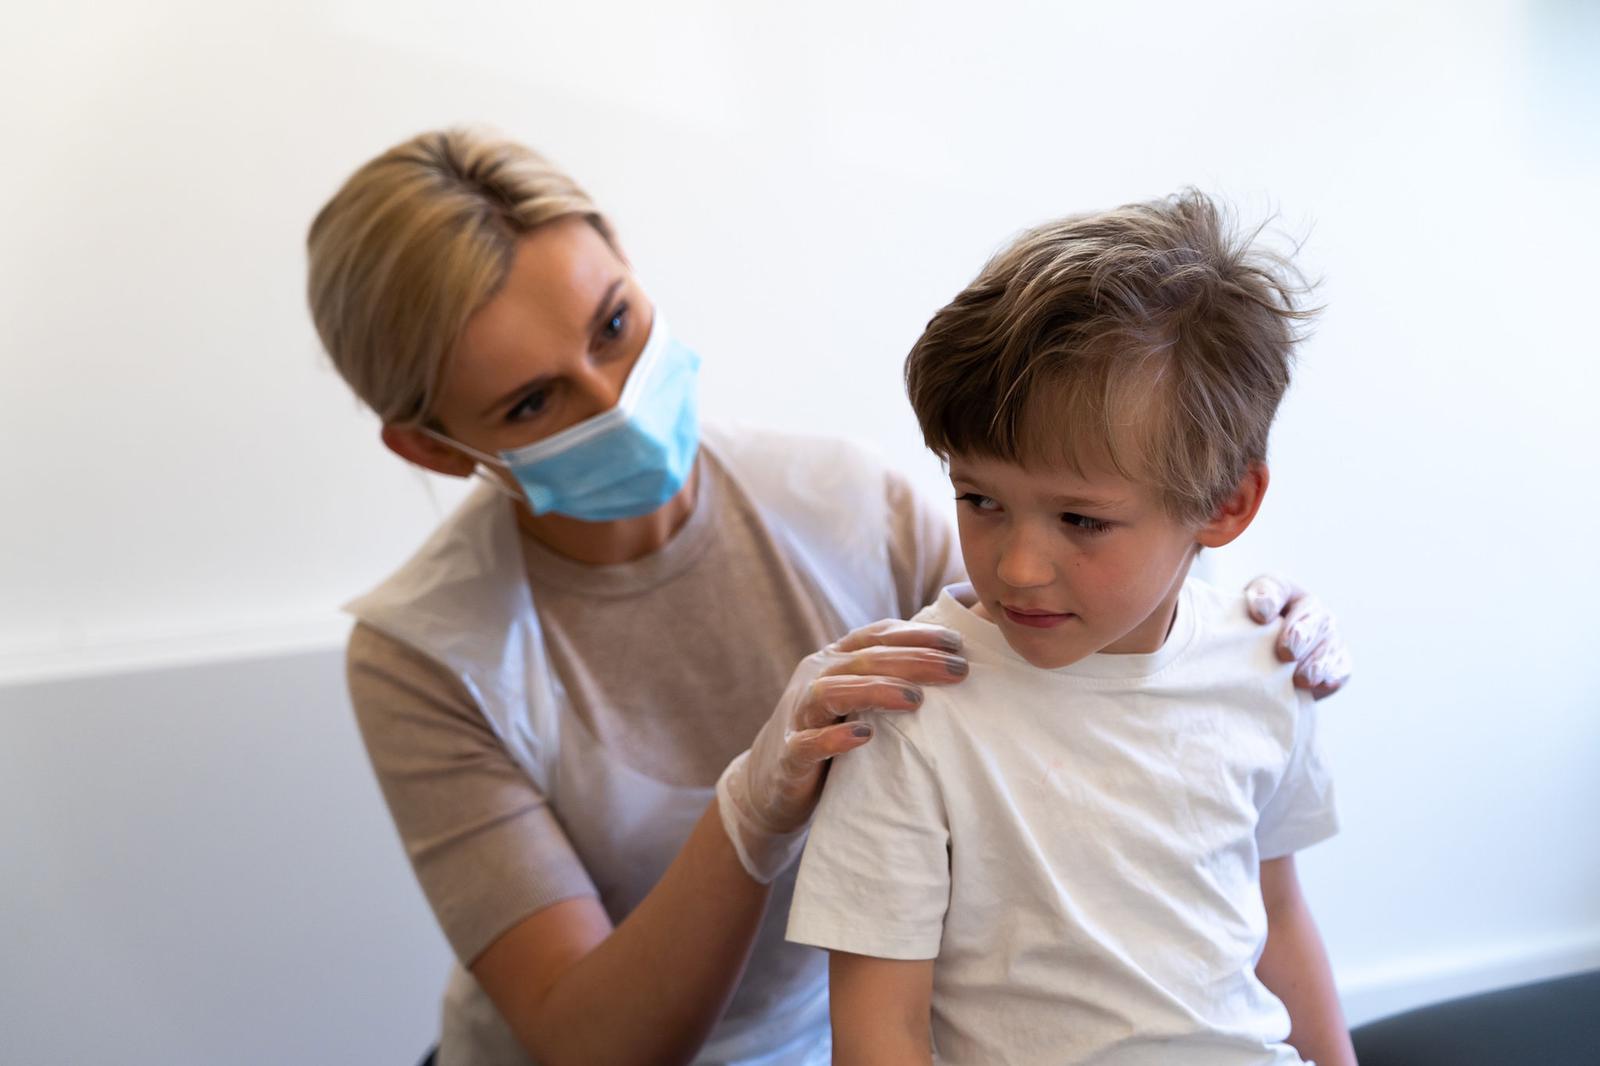 Children's chiropractor